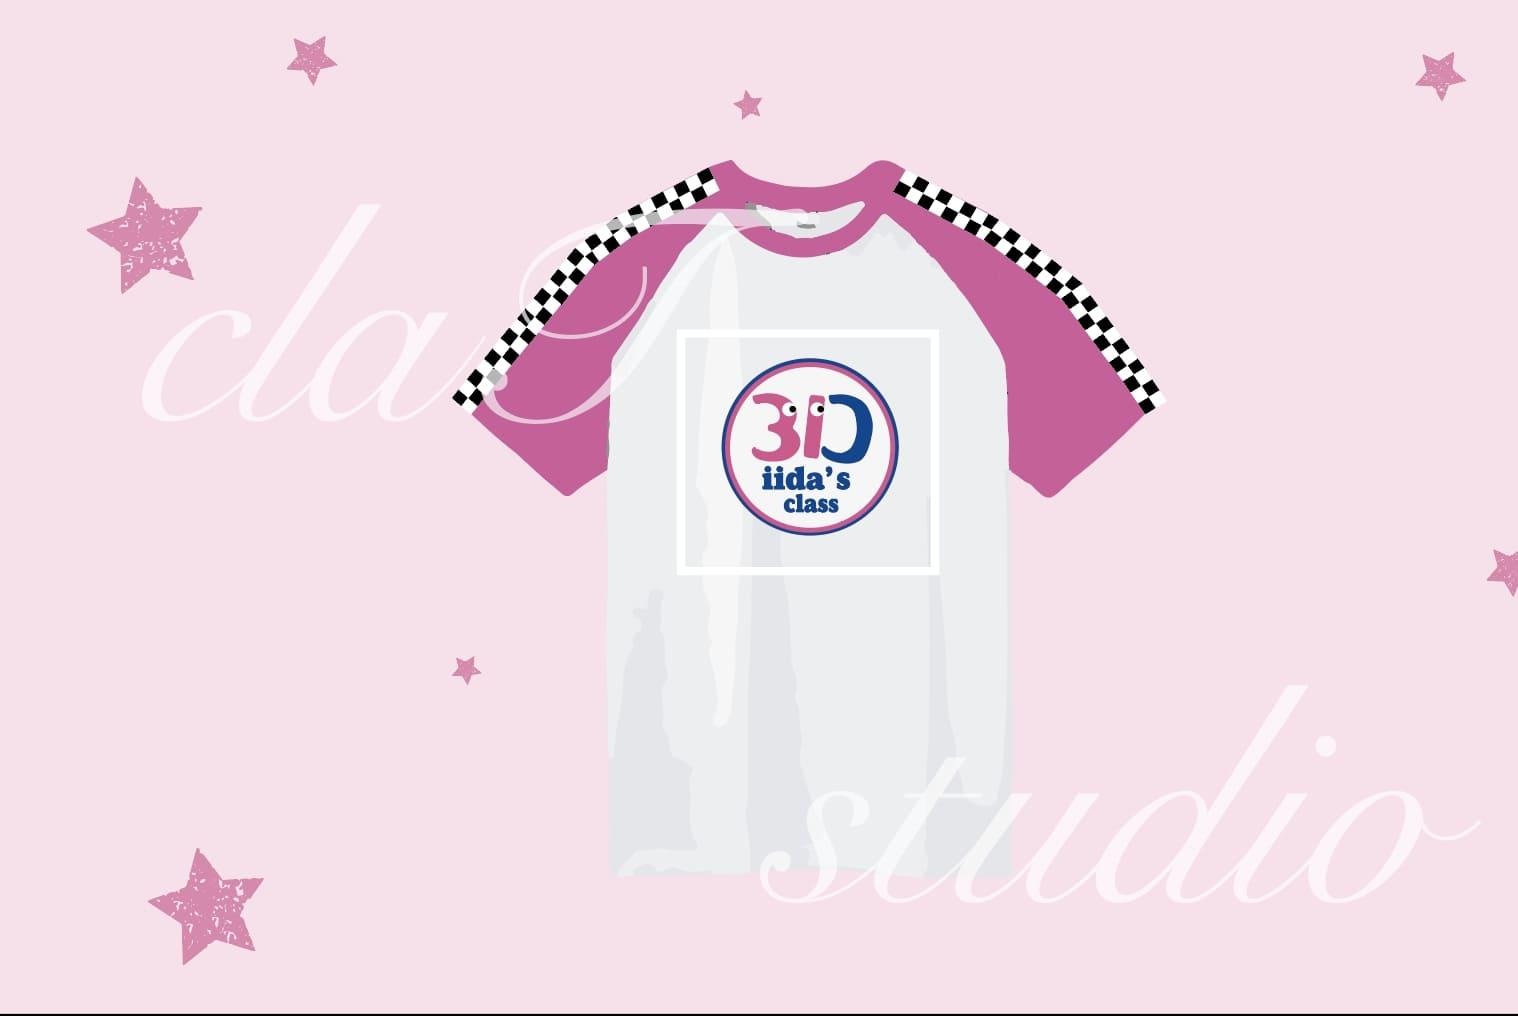 31(サーティワン)